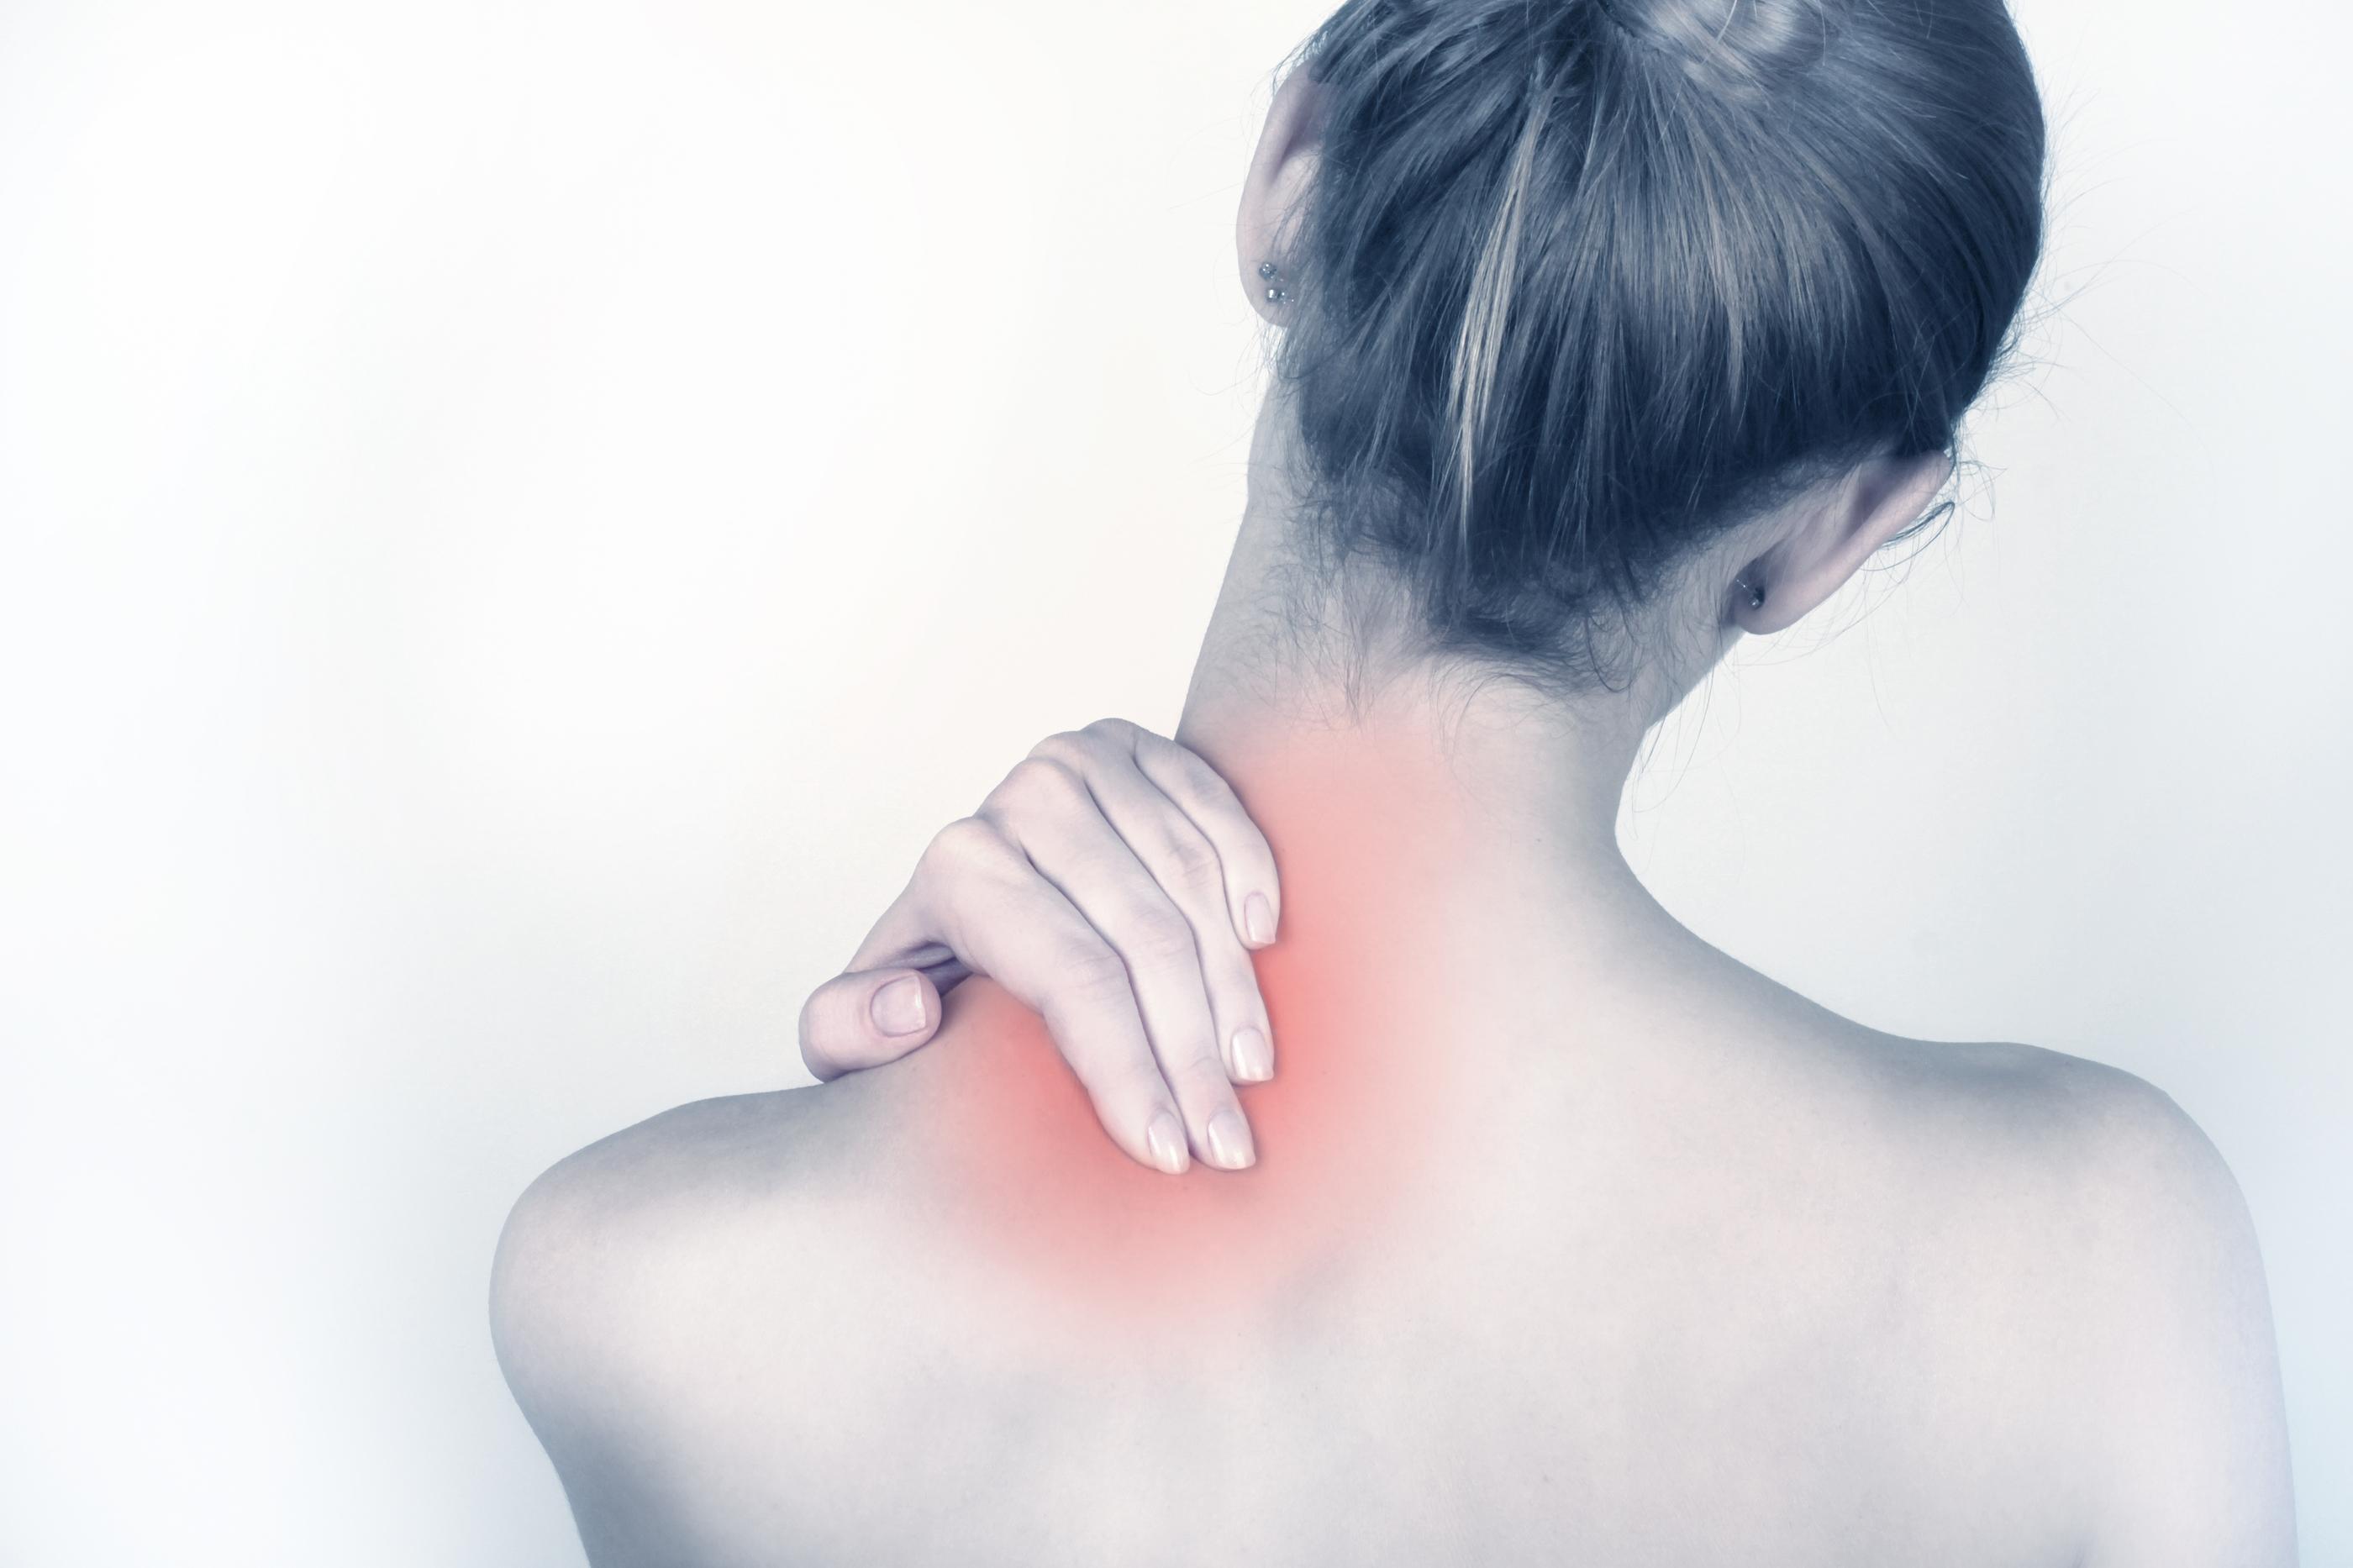 La mialgia en los riñones los síntomas